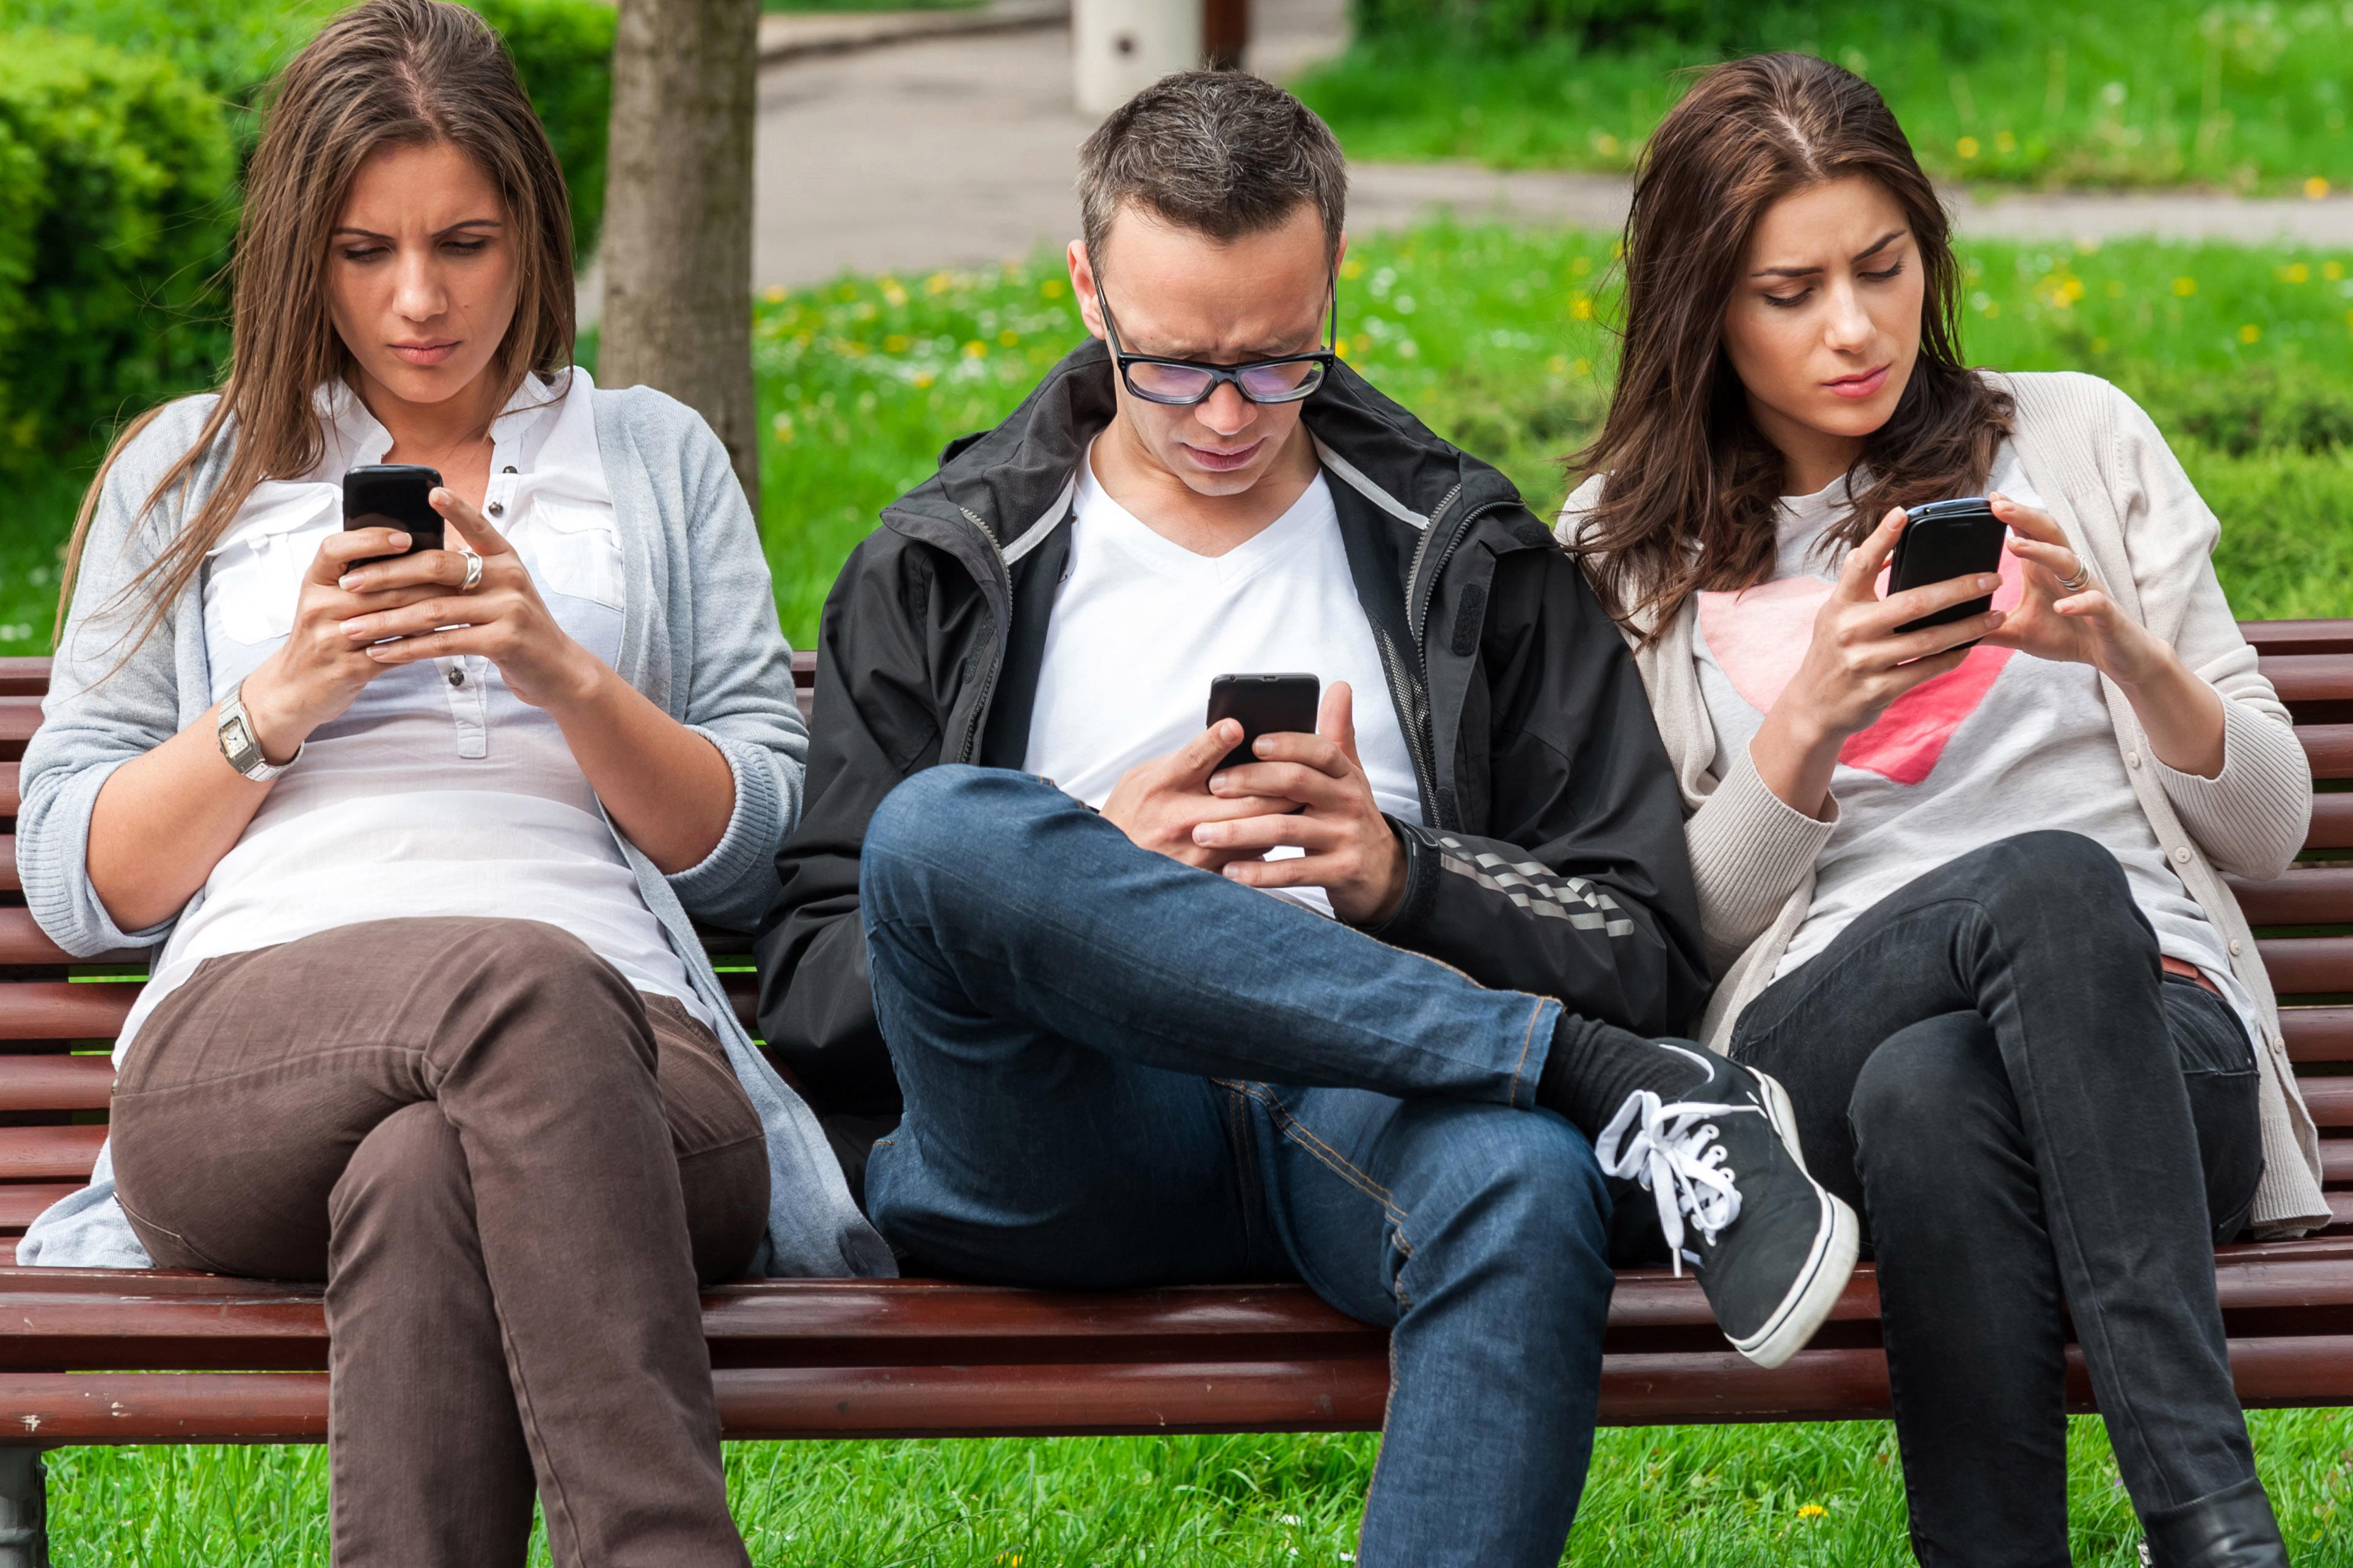 Záver experimentu: Muži jednoducho nedokážu vydržať bez svojich mobilov